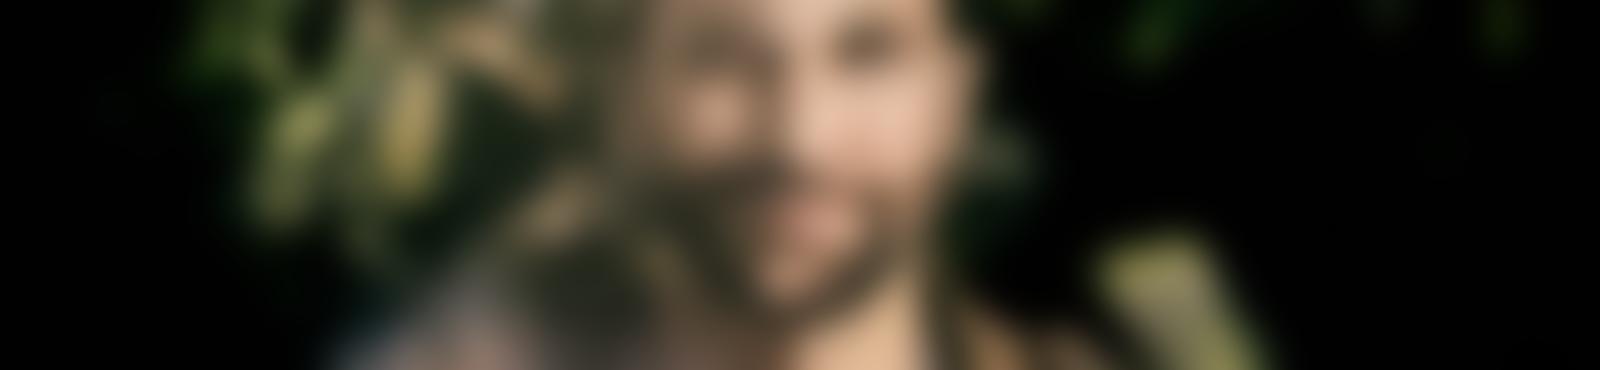 Blurred 4d7d4d4f 781b 40bf b245 ca1fcdb274a7